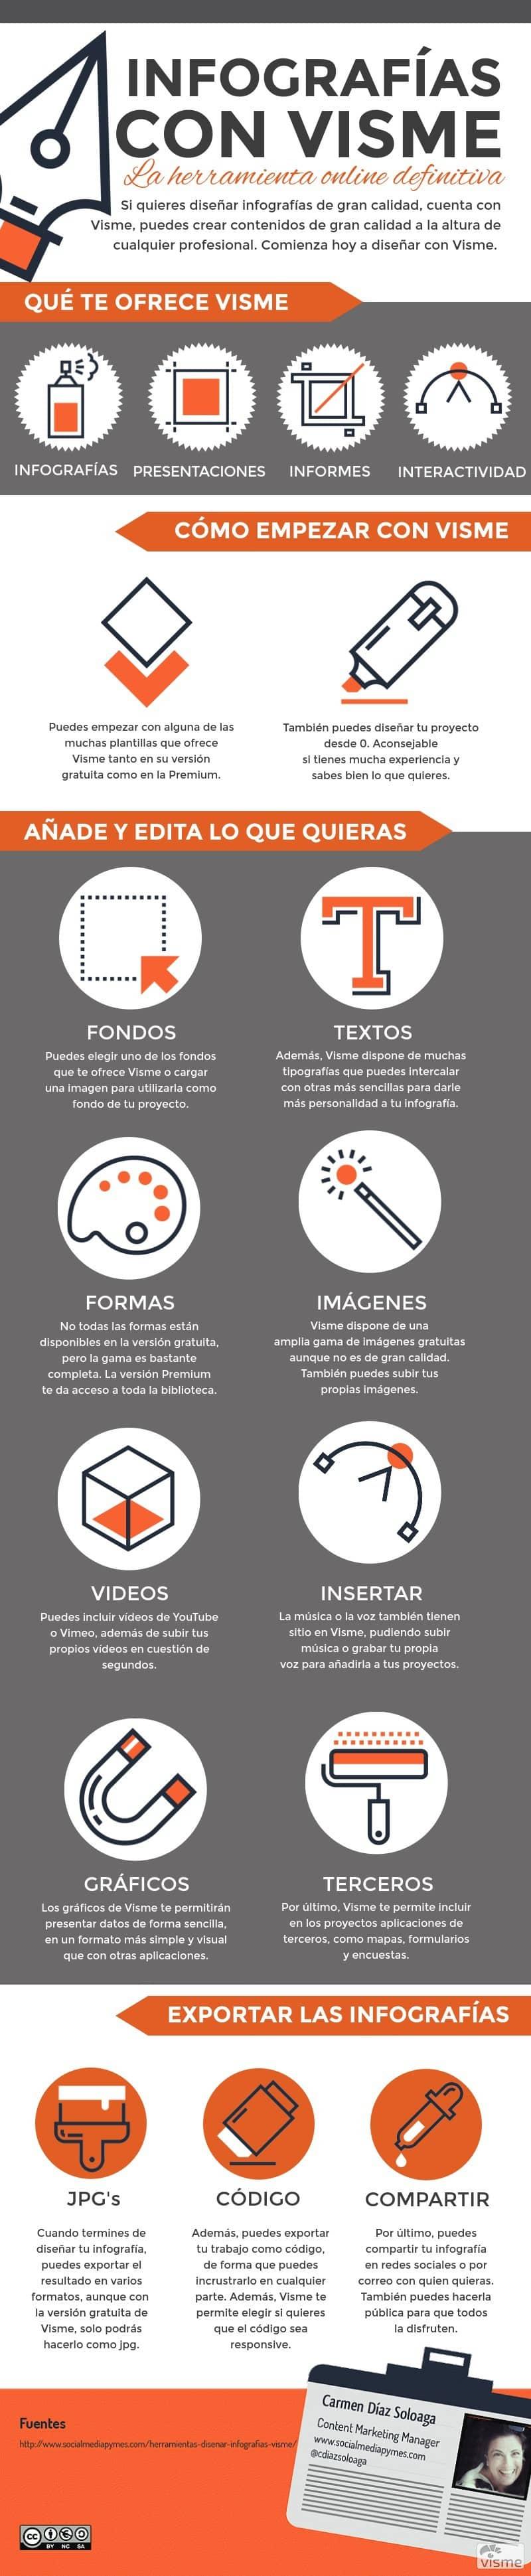 Infografías con Visme, cómo diseñarlas.